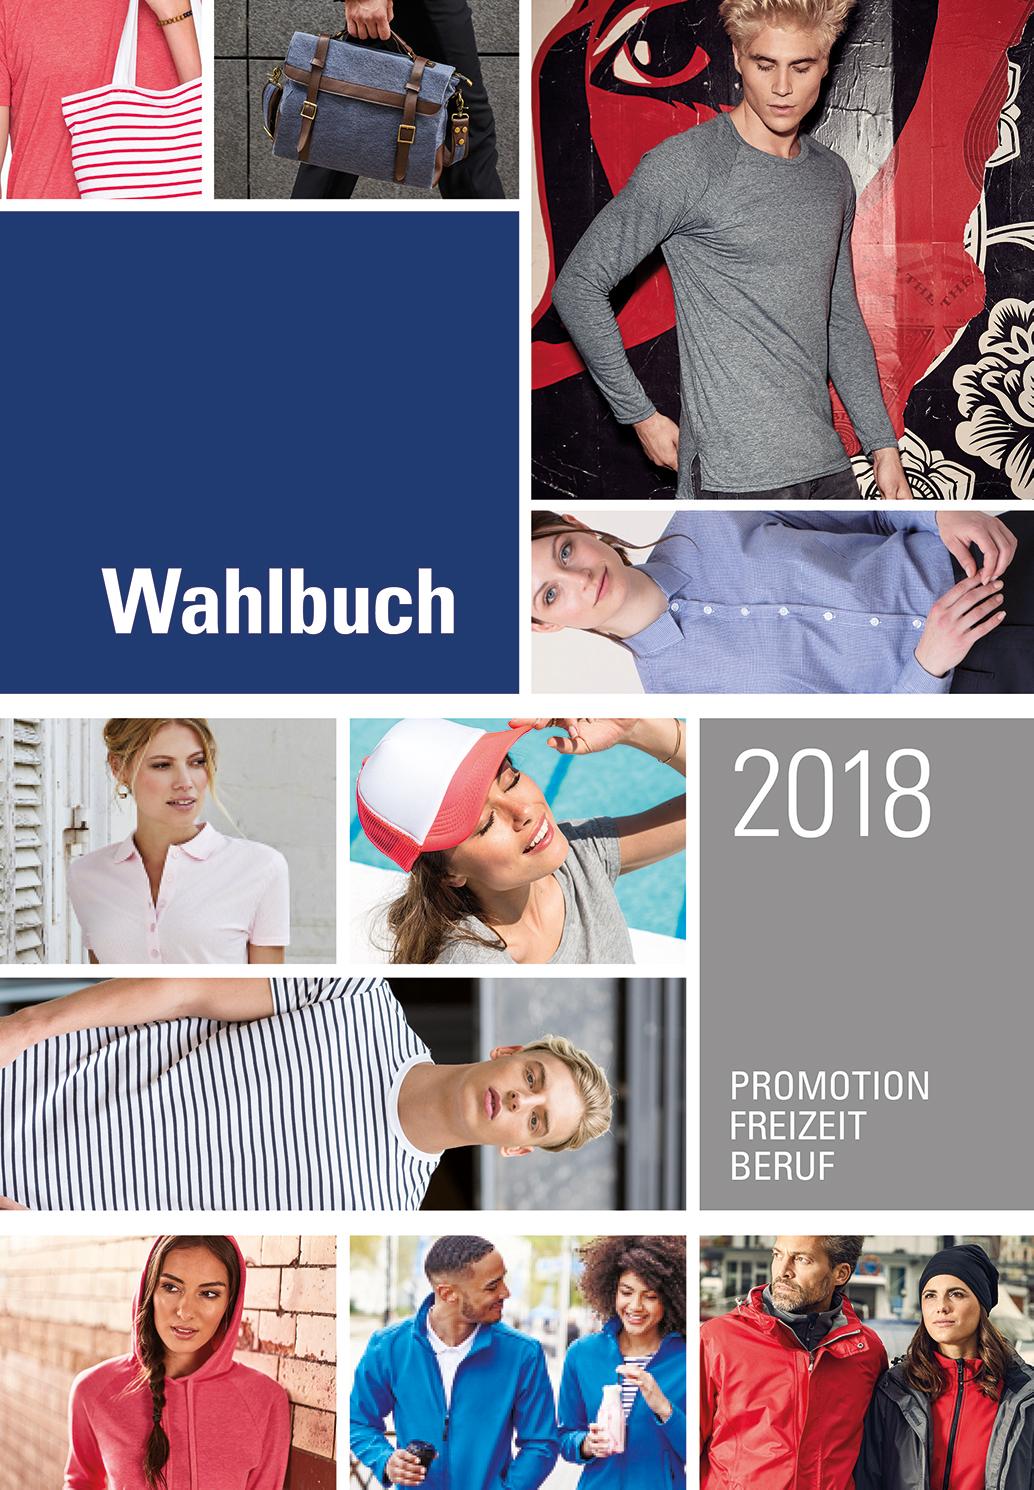 Bildergebnis für l-shop wahlbuch 2018